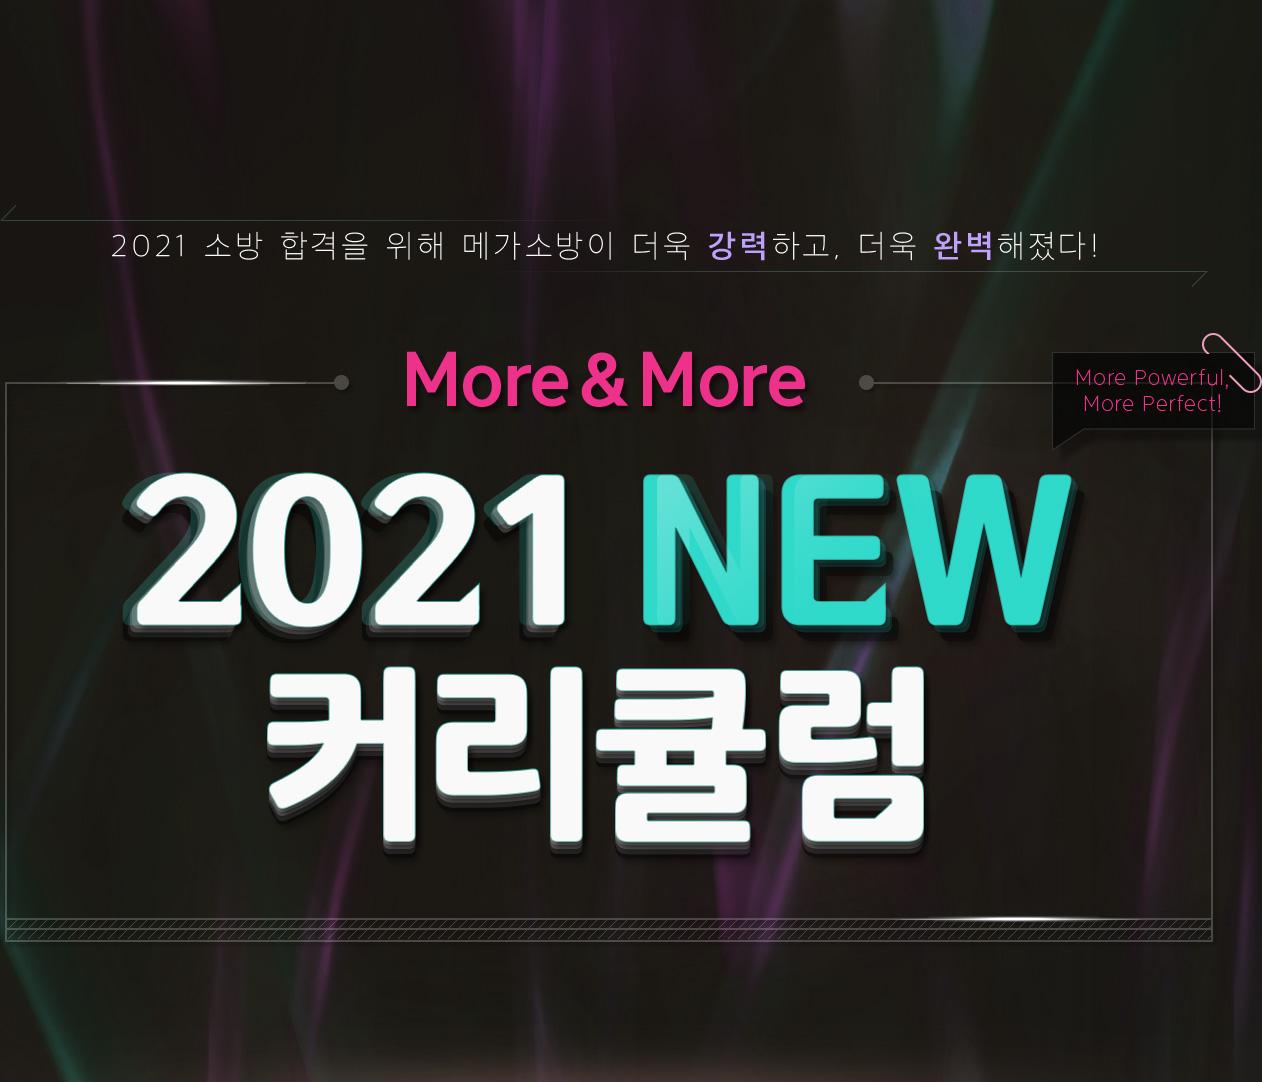 2021 공무원 합격을 위해 메가공무원이 더욱 강력하고, 더욱 완벽해졌다!